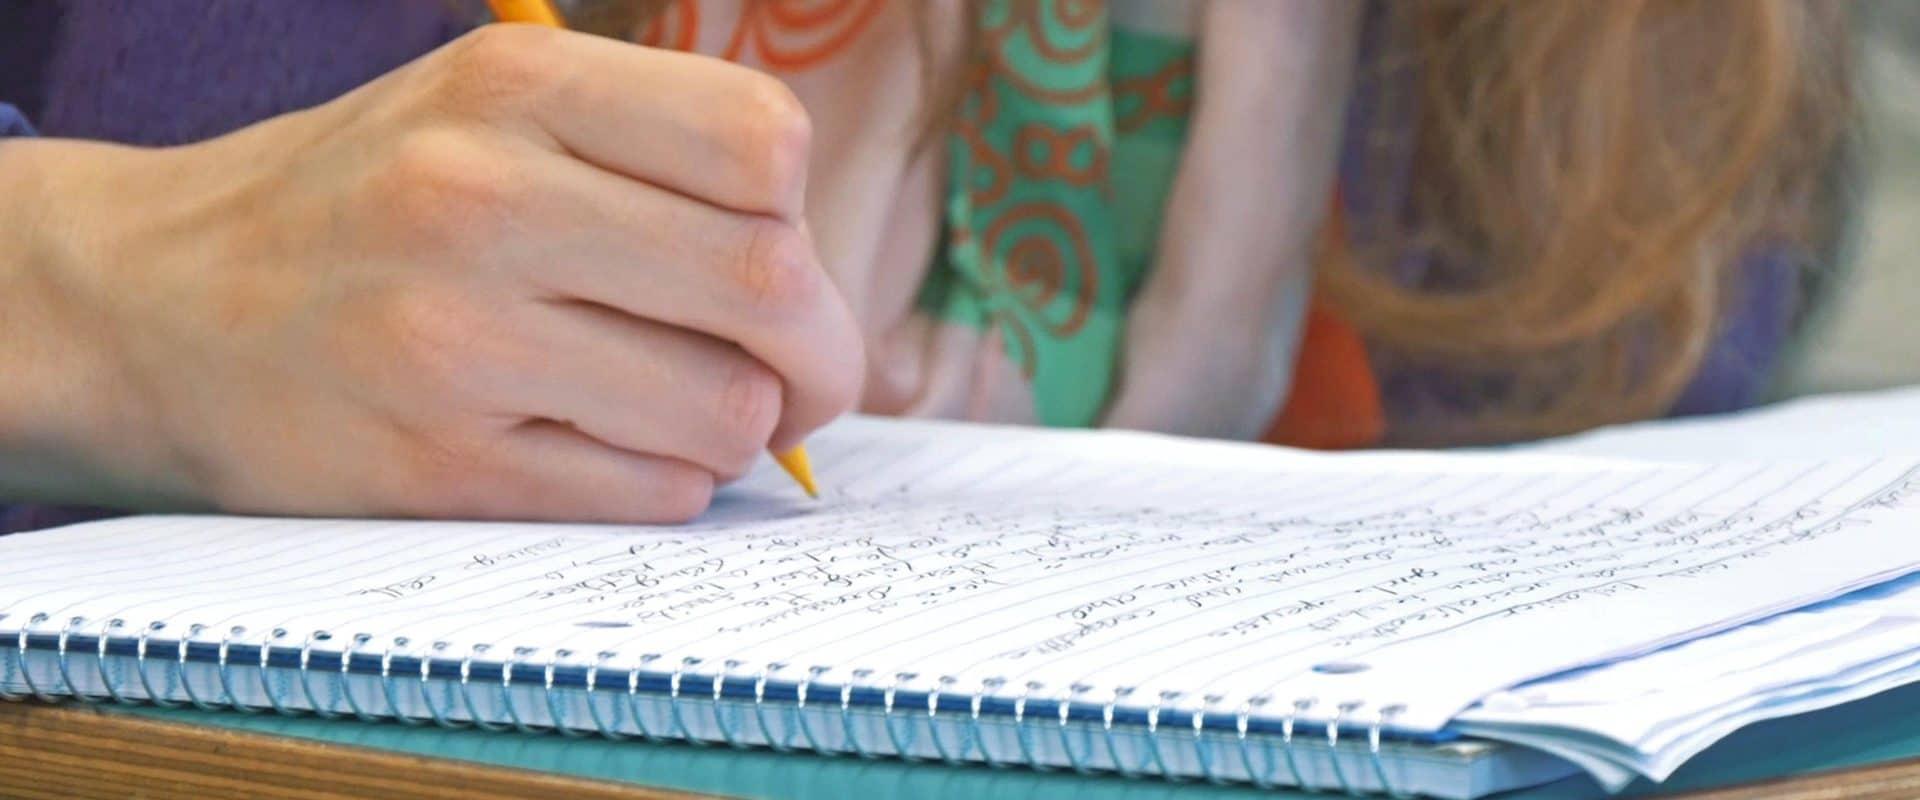 WPU students studying writing.